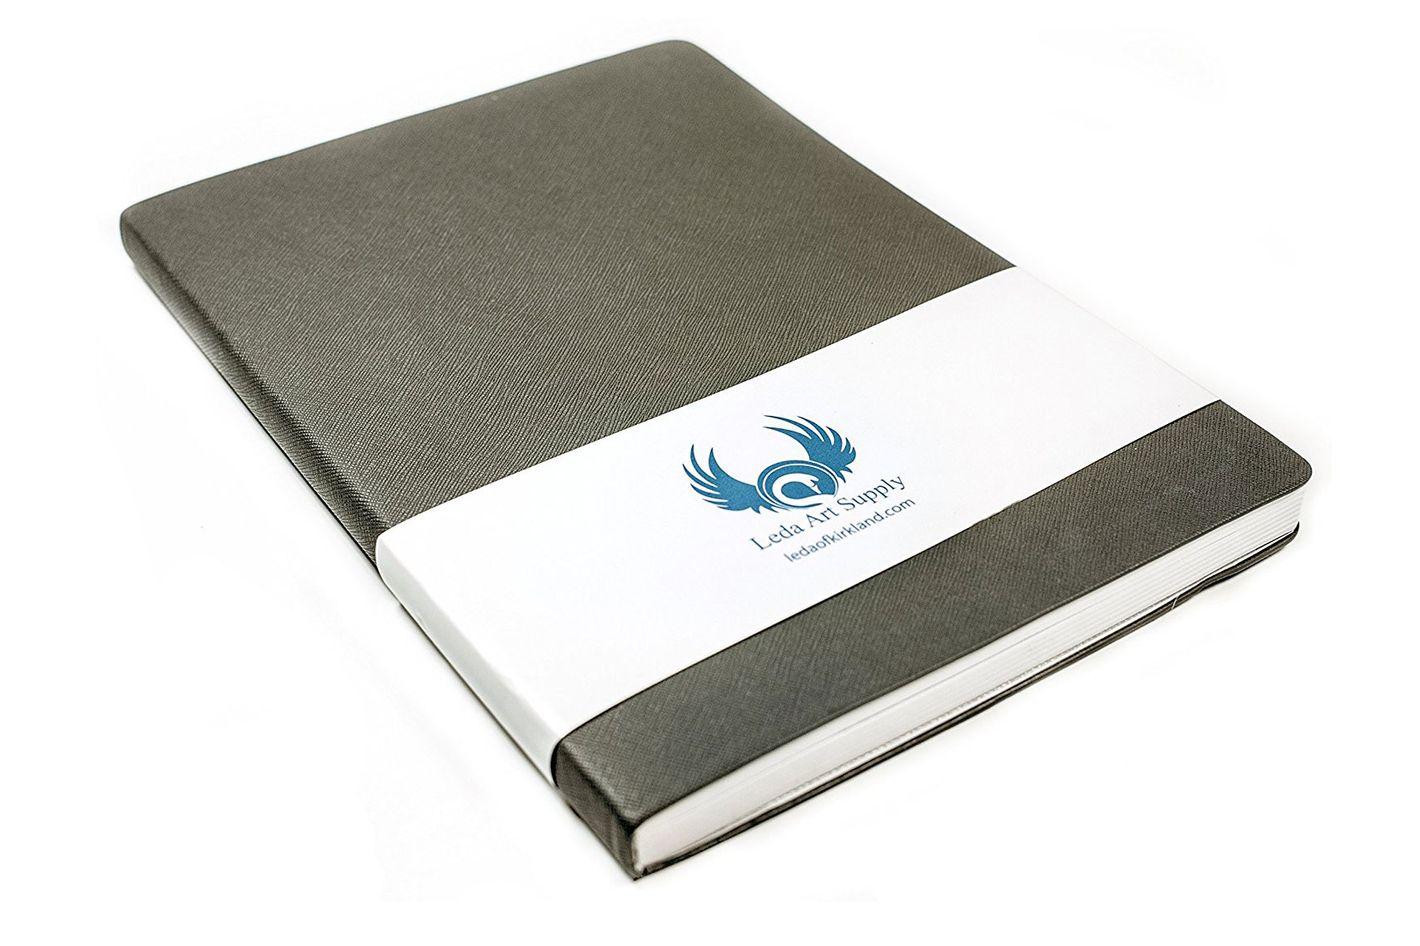 Leda Art Supply Softbound Sketchbook